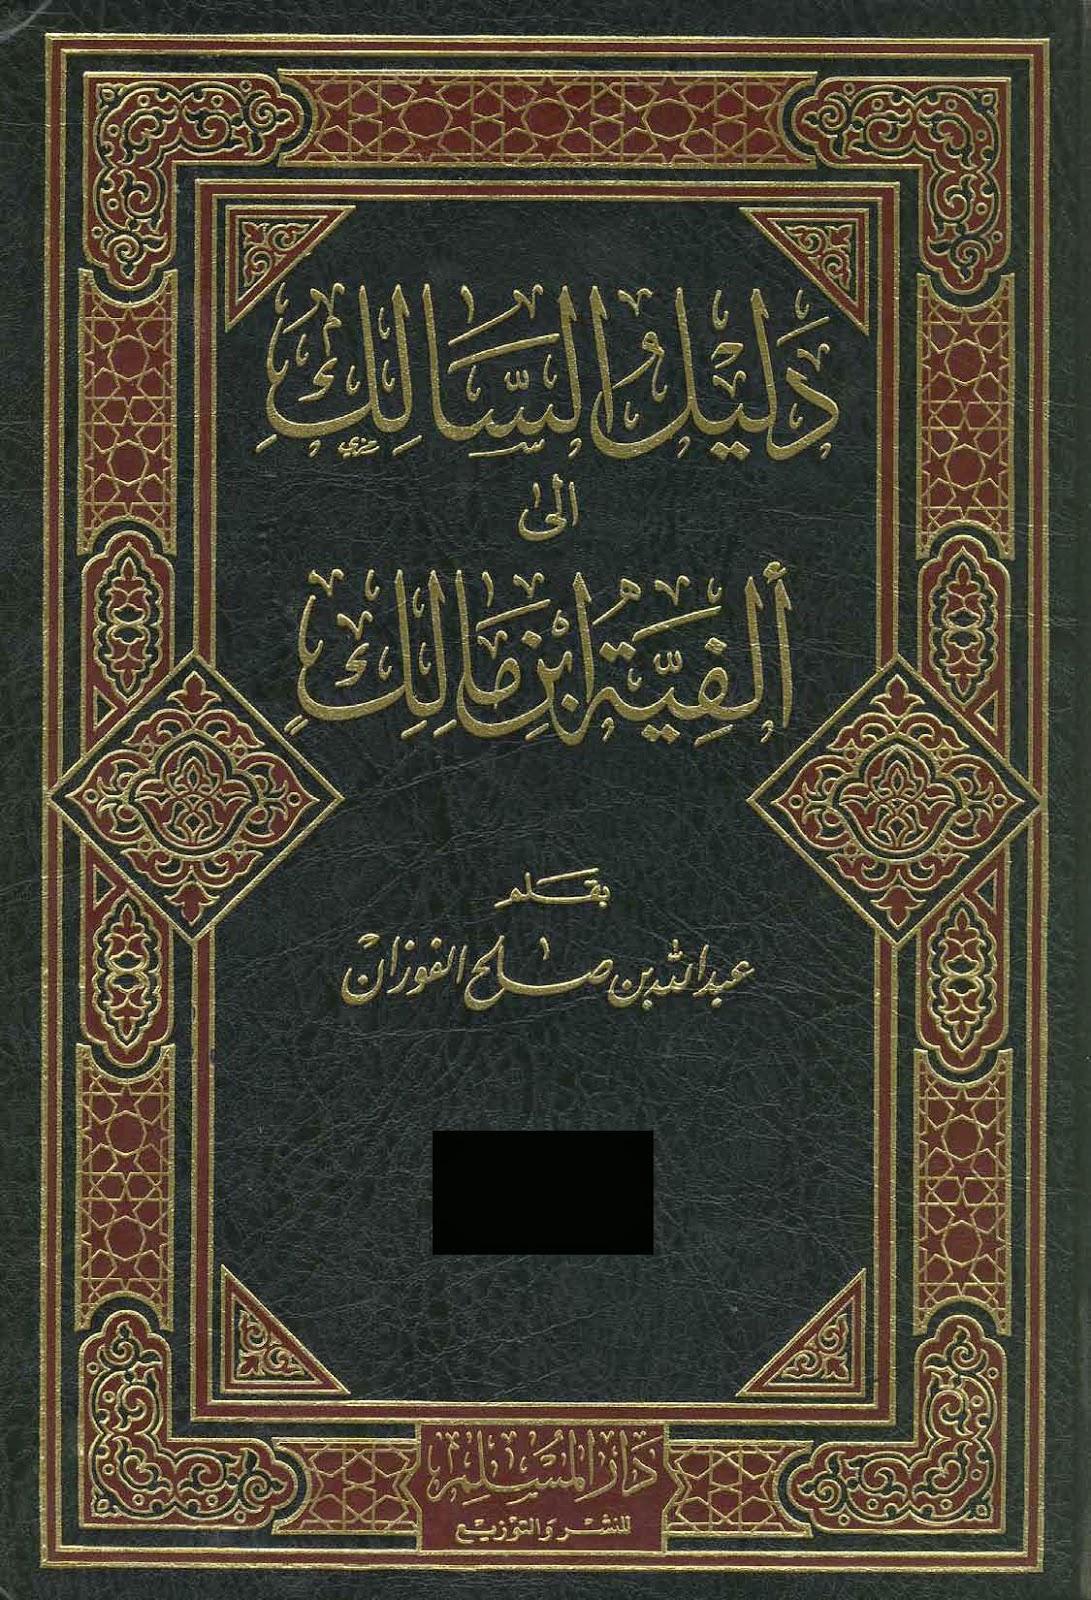 دليل السالك إلى ألفية ابن مالك - عبد الله الفوزان